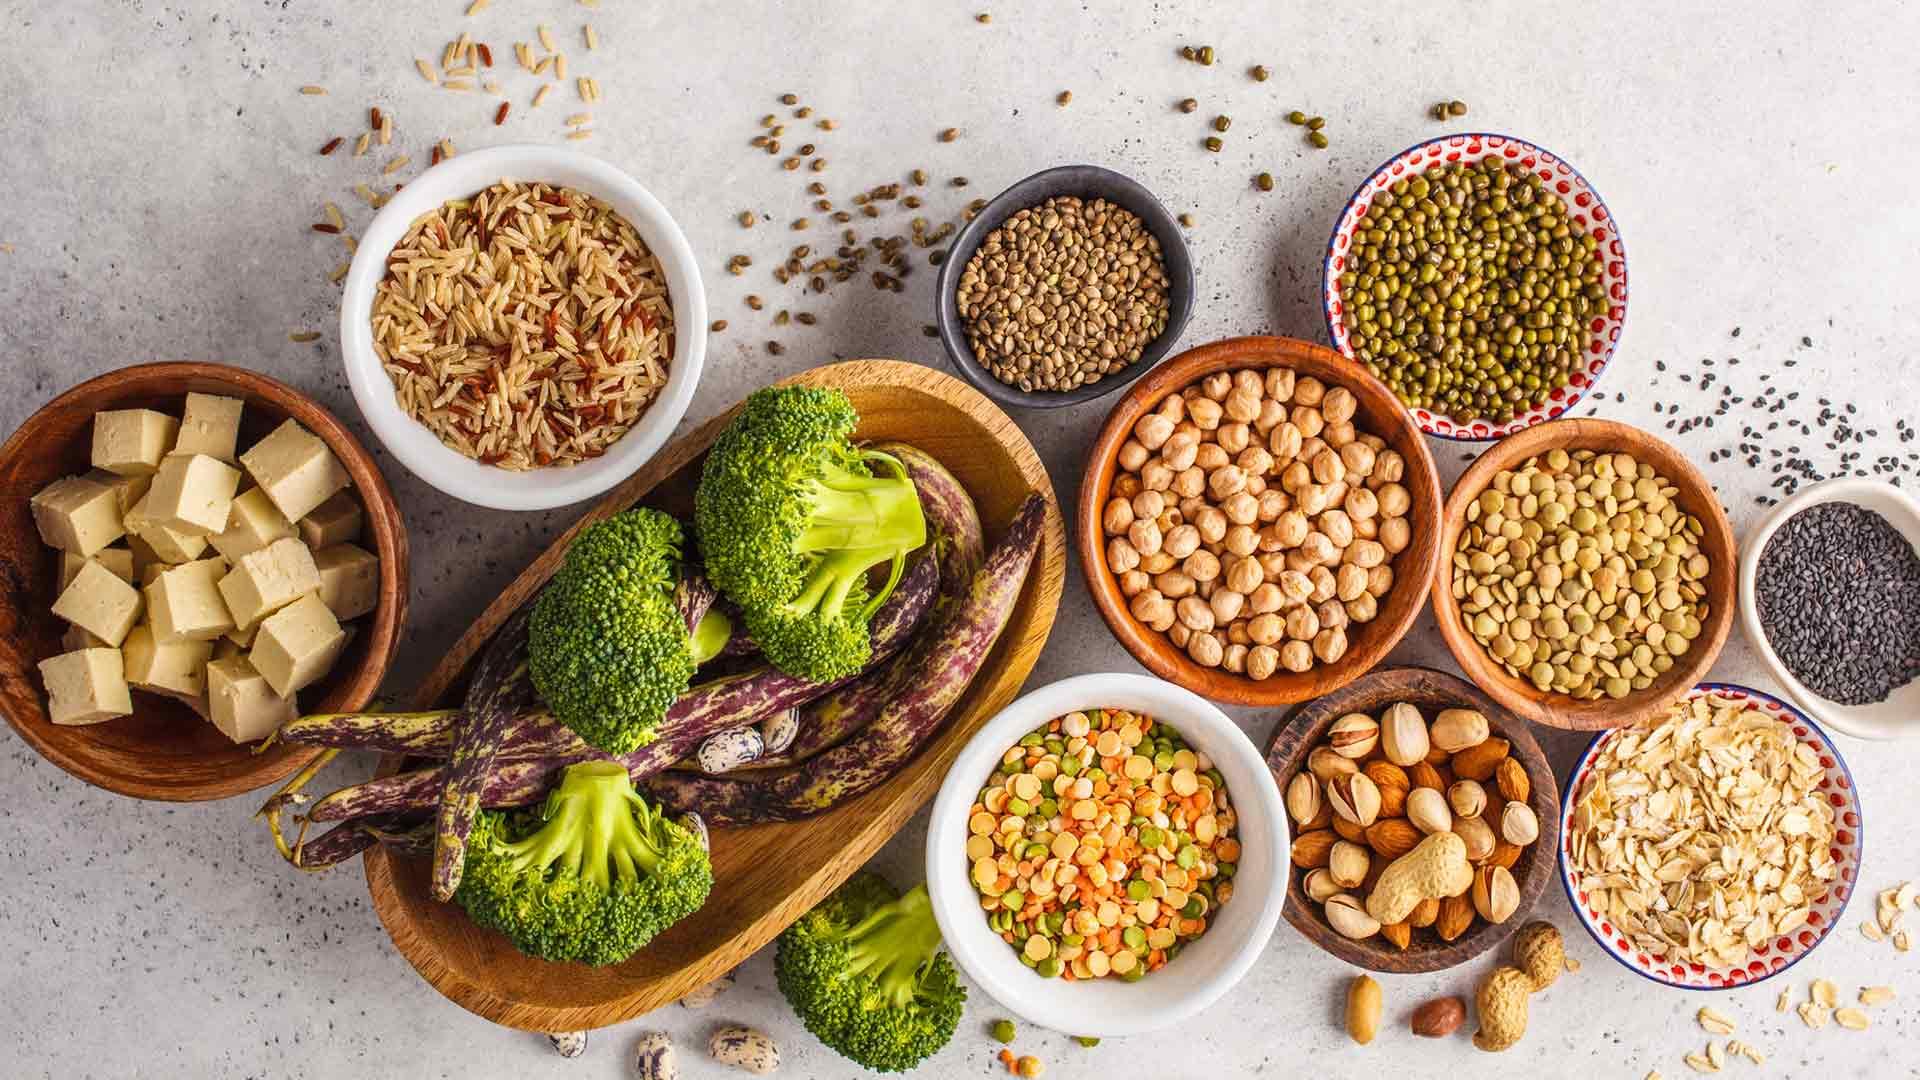 Kasviproteiinituotteiden tarjonta auttaa vähentämään lihan kulutusta.